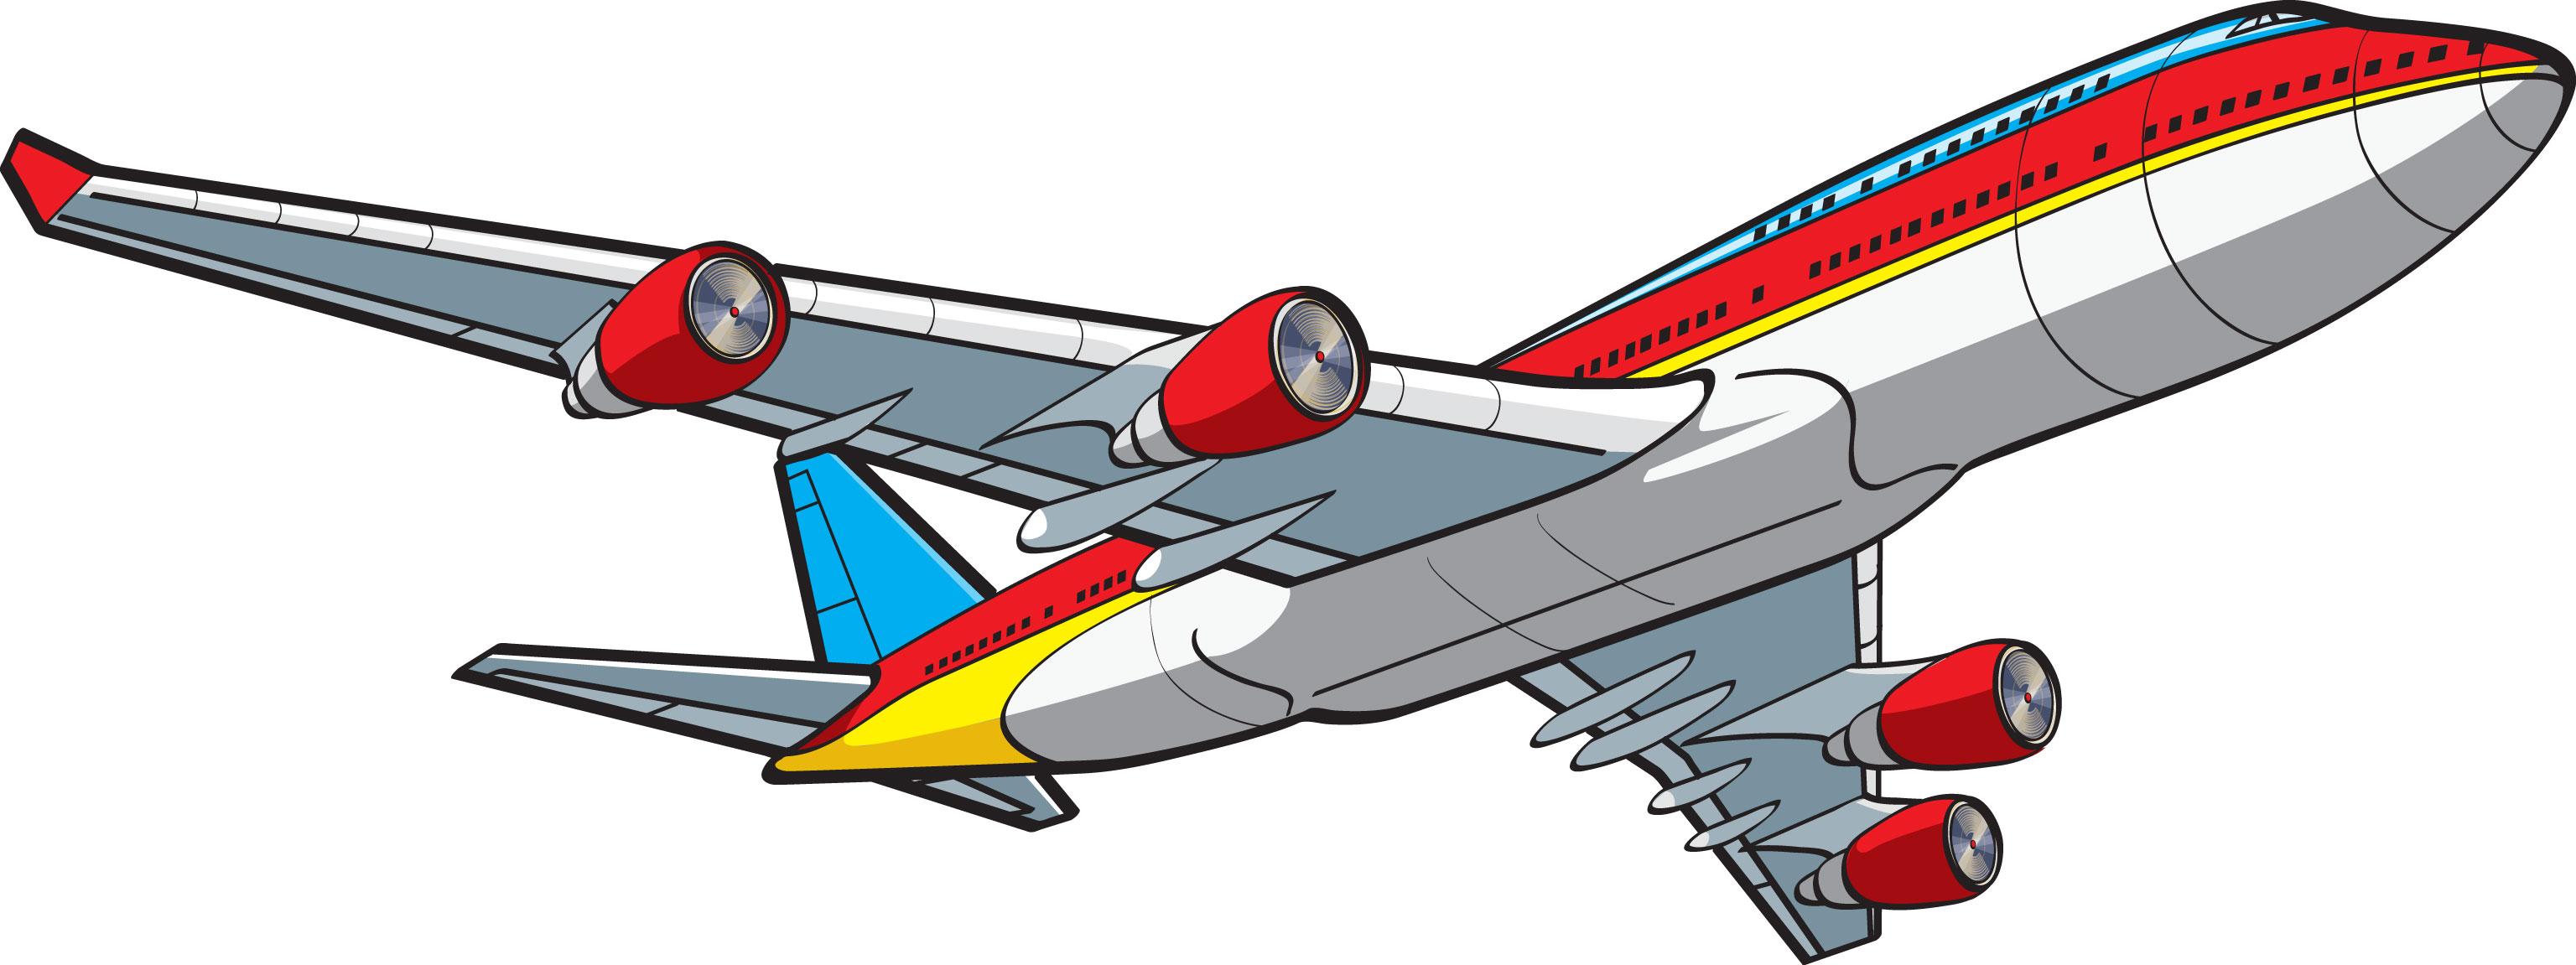 Jet Plane Clip Art - Cliparts.co